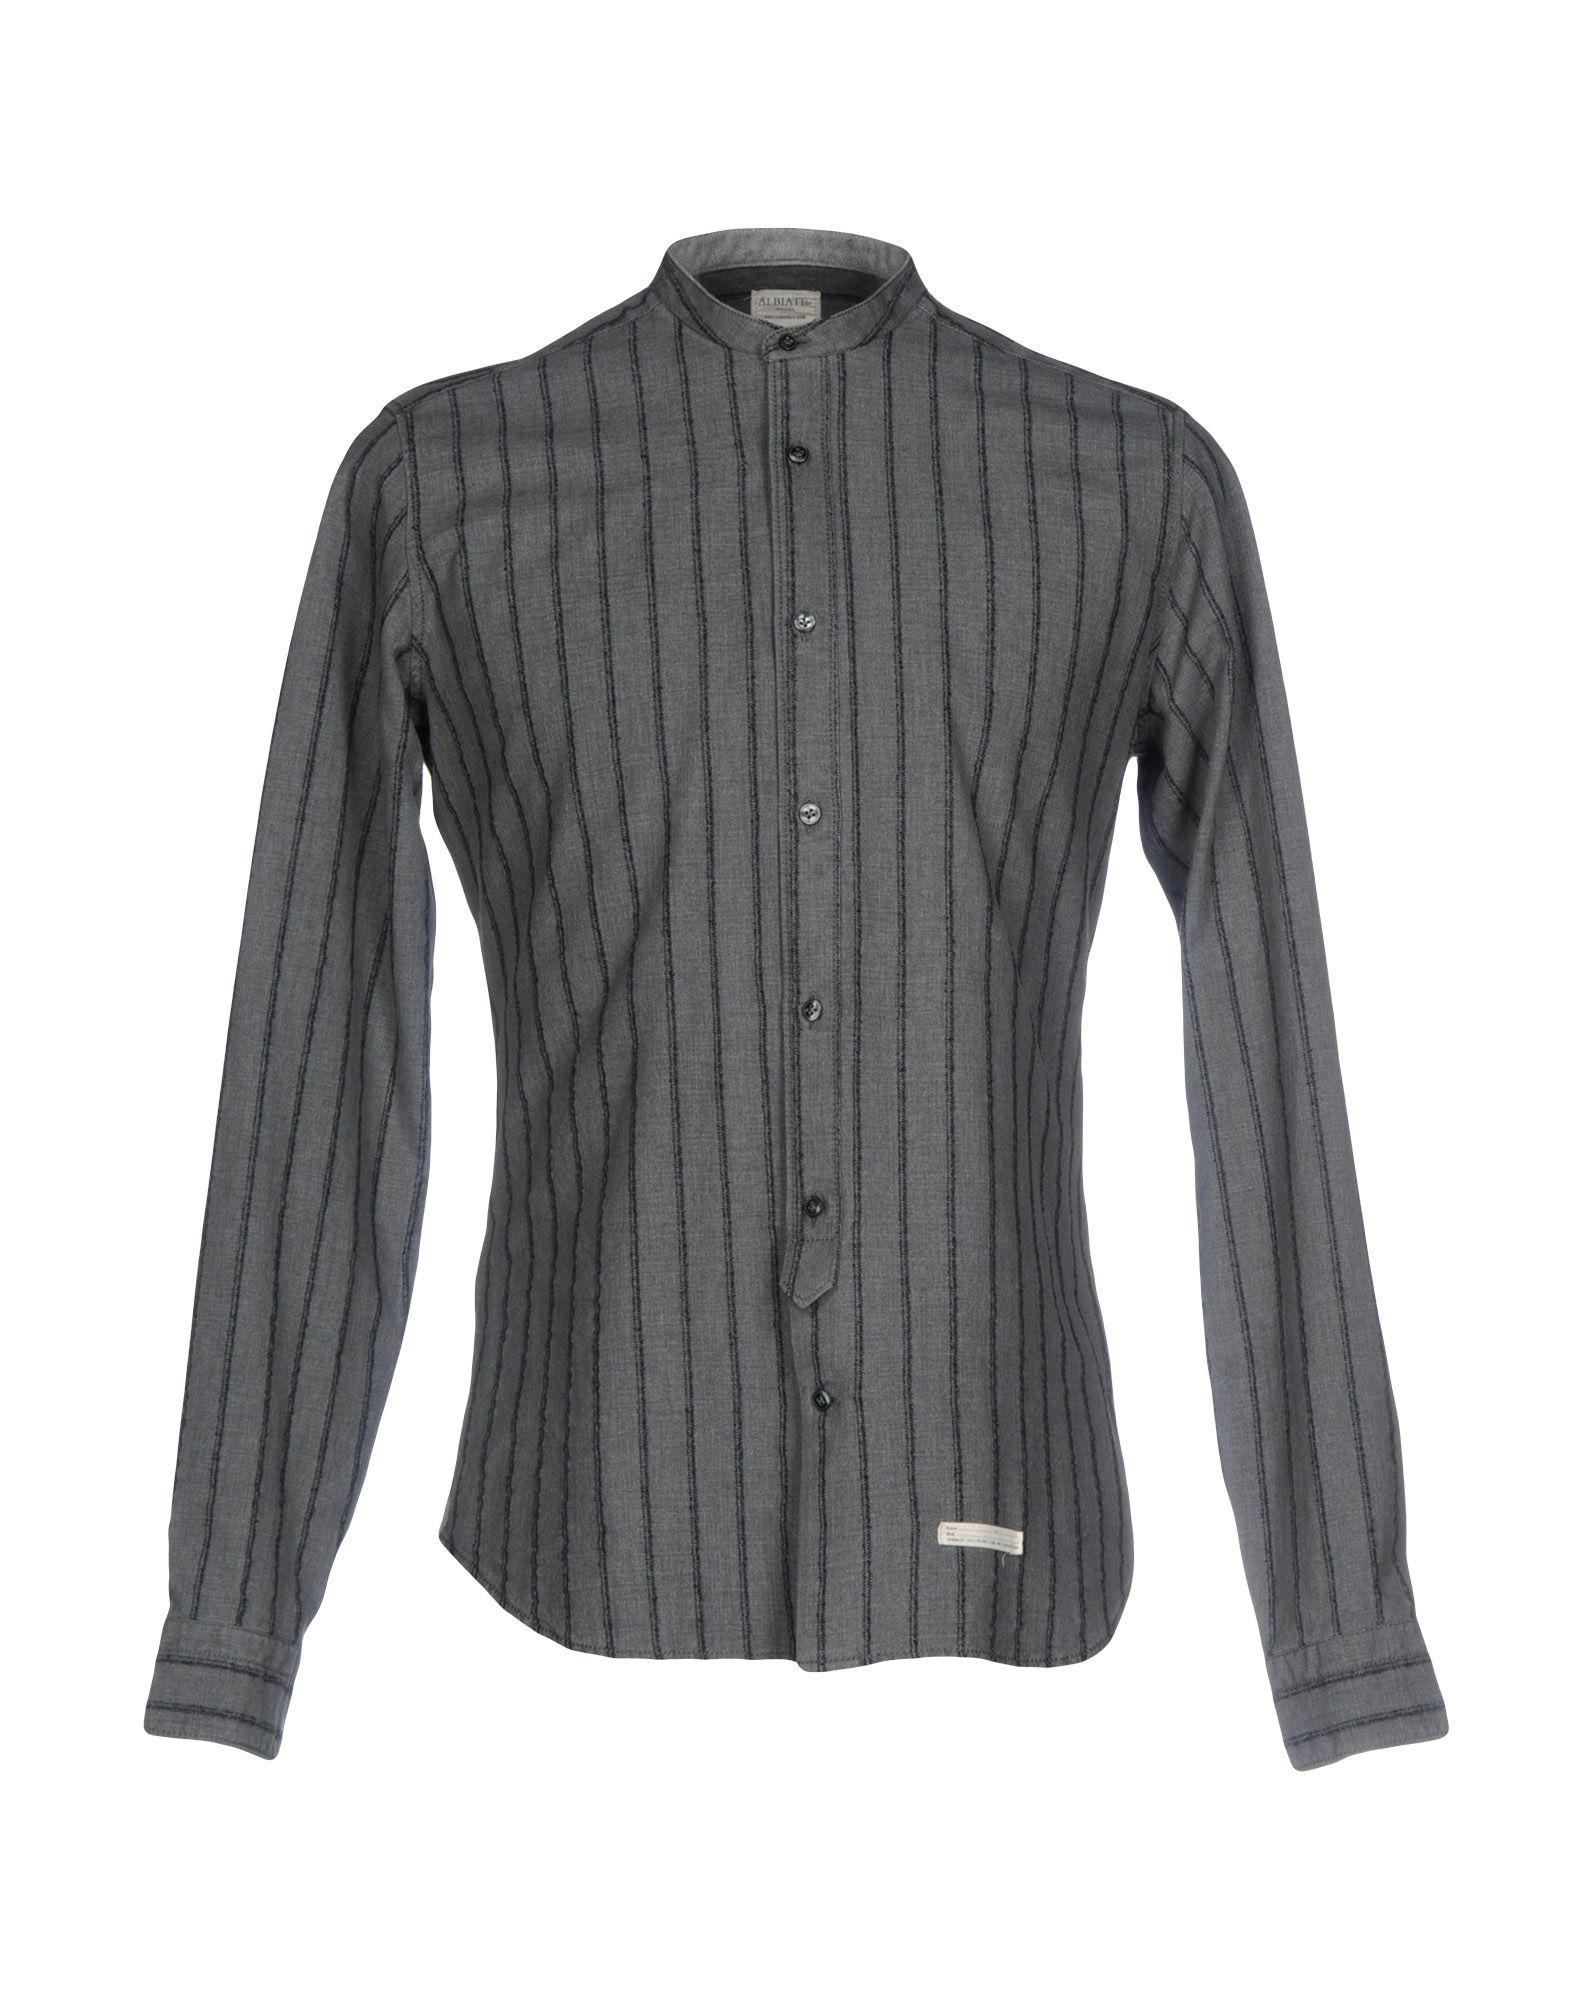 TINTORIA MATTEI 954 Pубашка tintoria mattei 954 джинсовая рубашка